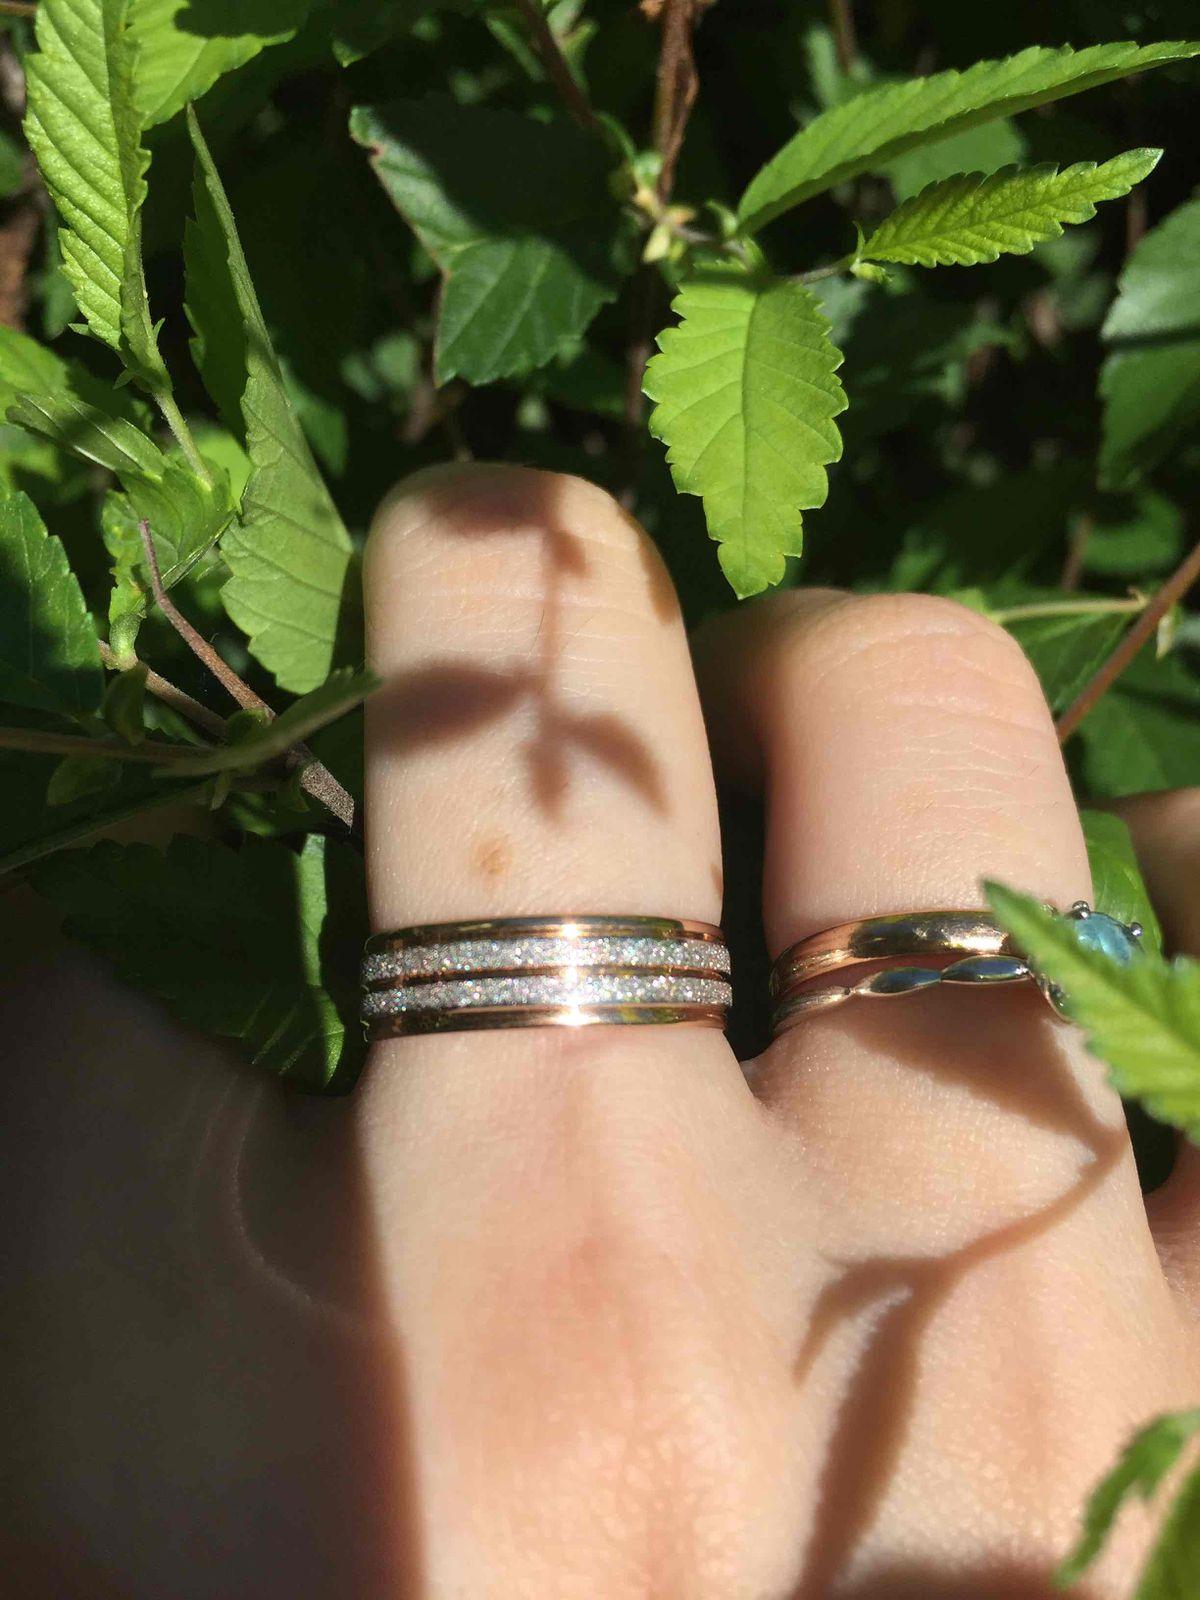 Кольцо,которое меня покорило